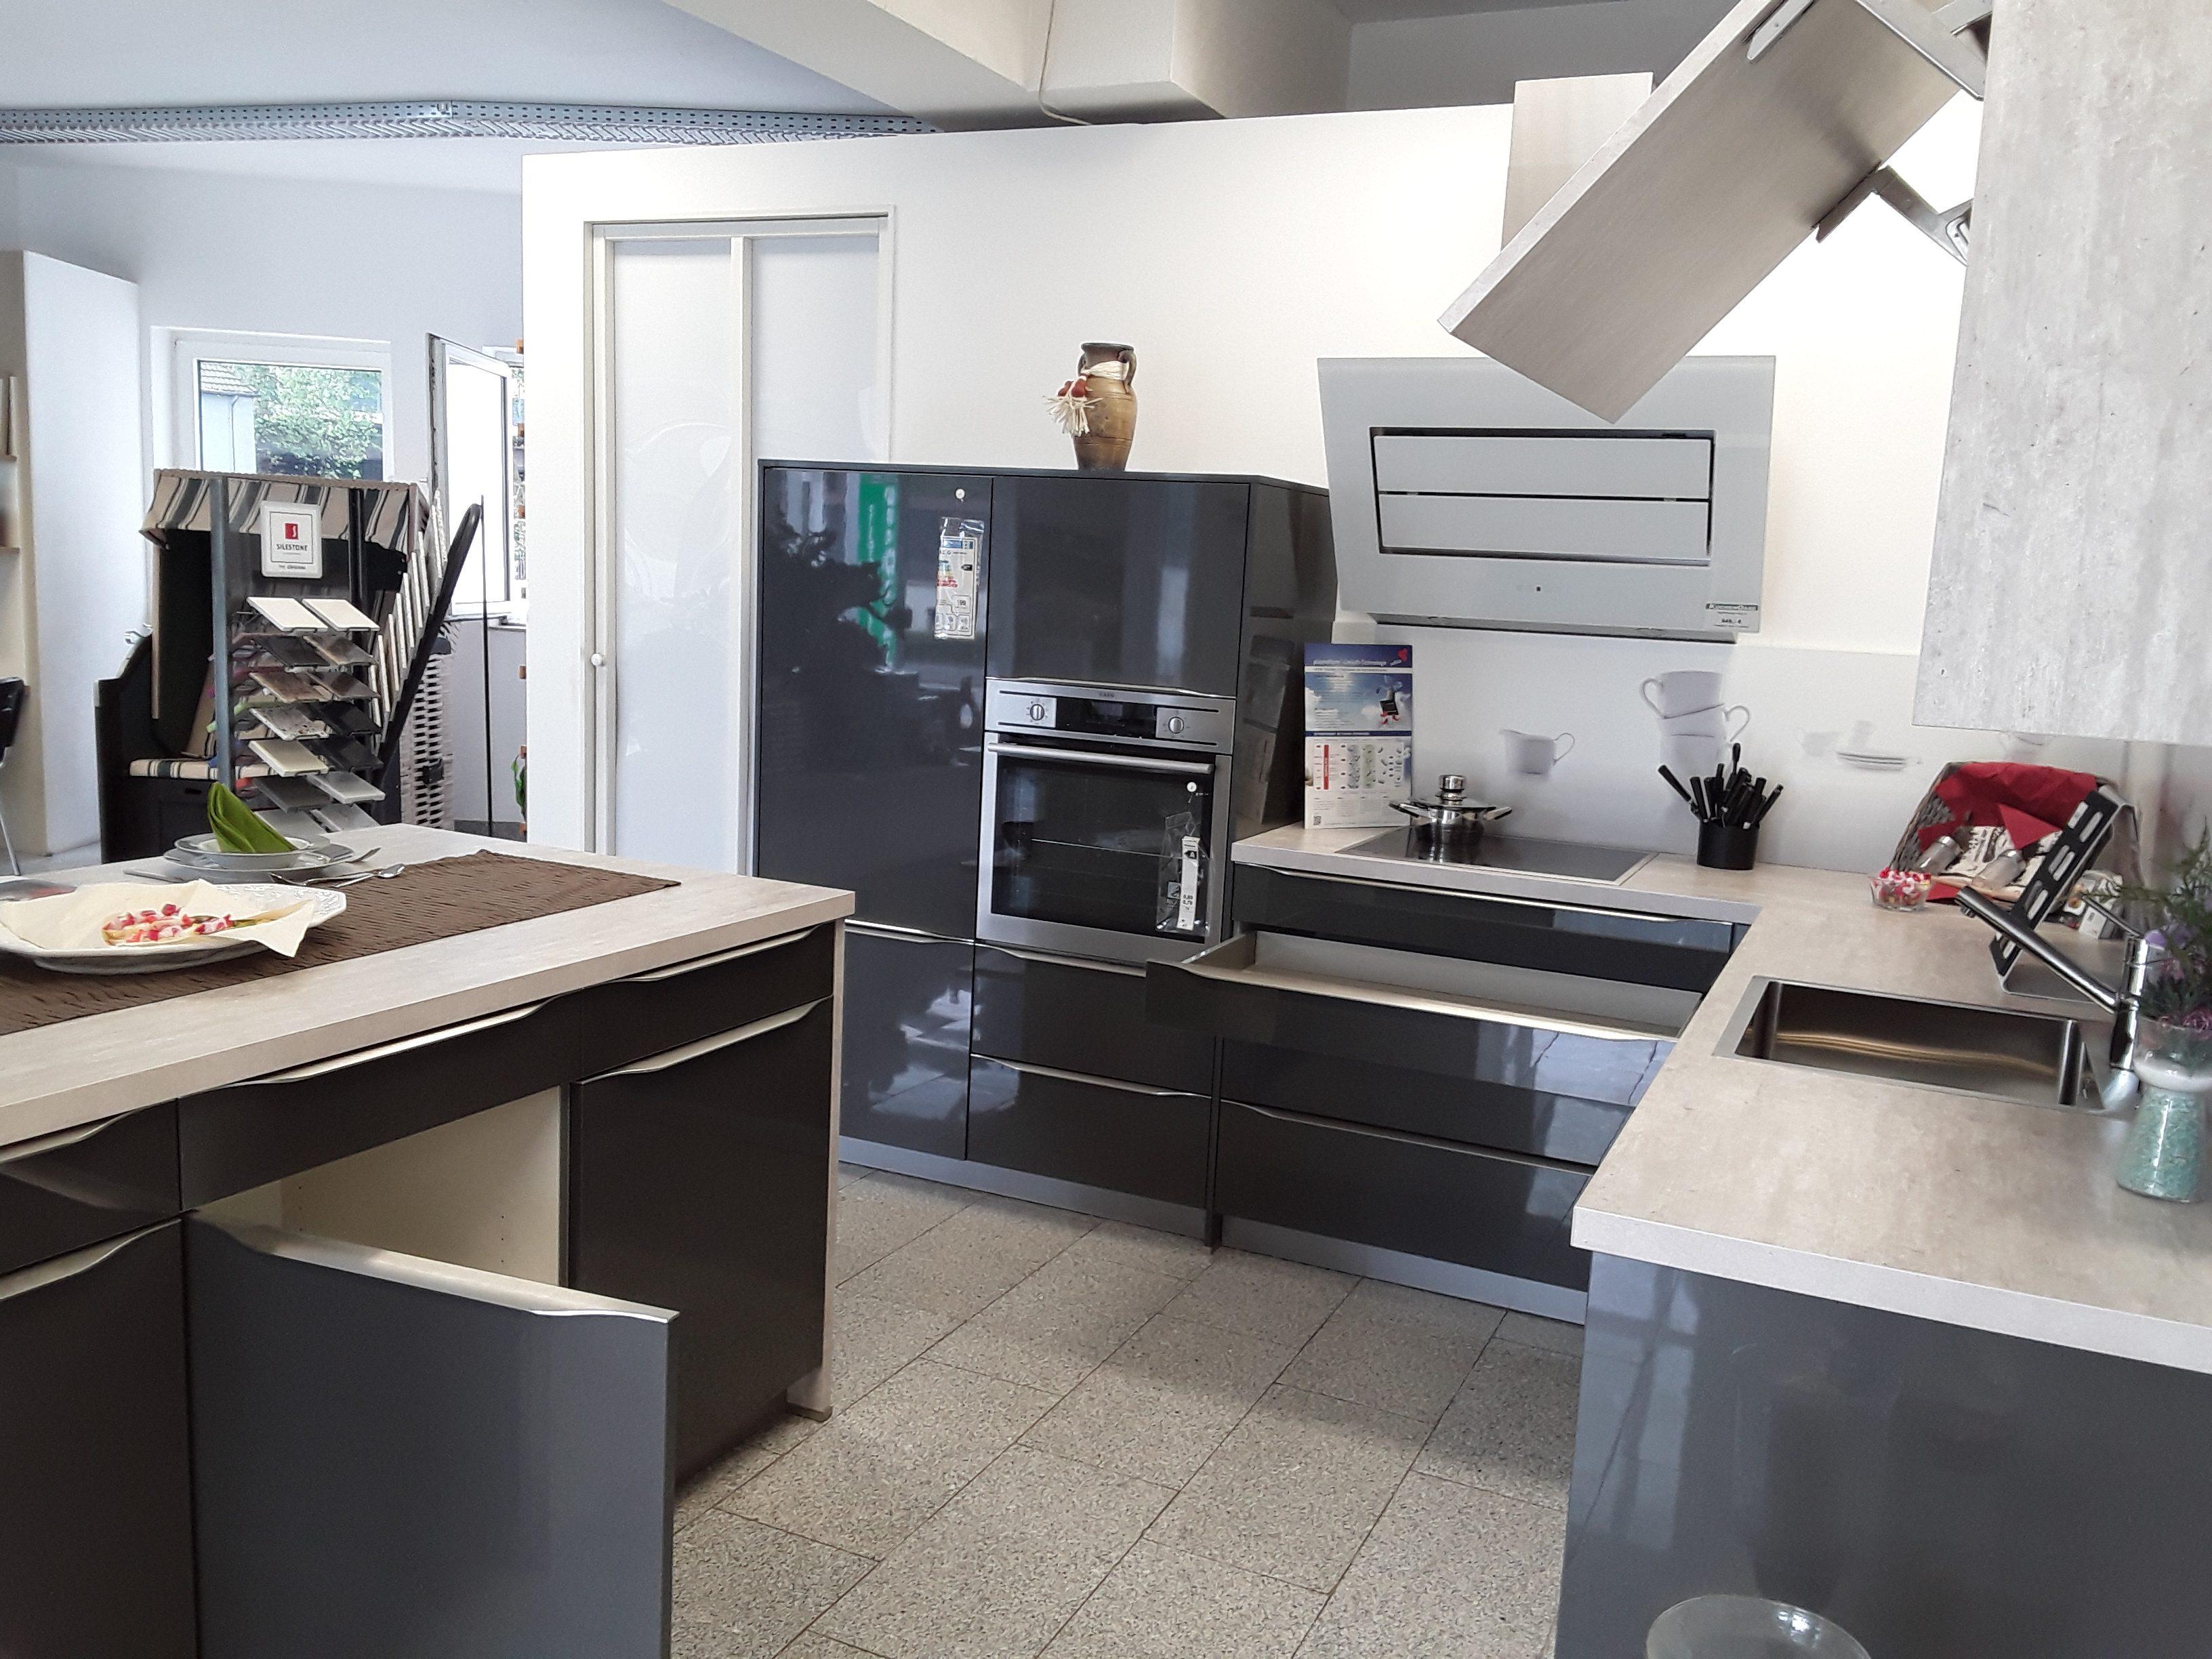 Sonderangebote und Vorführküchen von Küchenoase Hallen